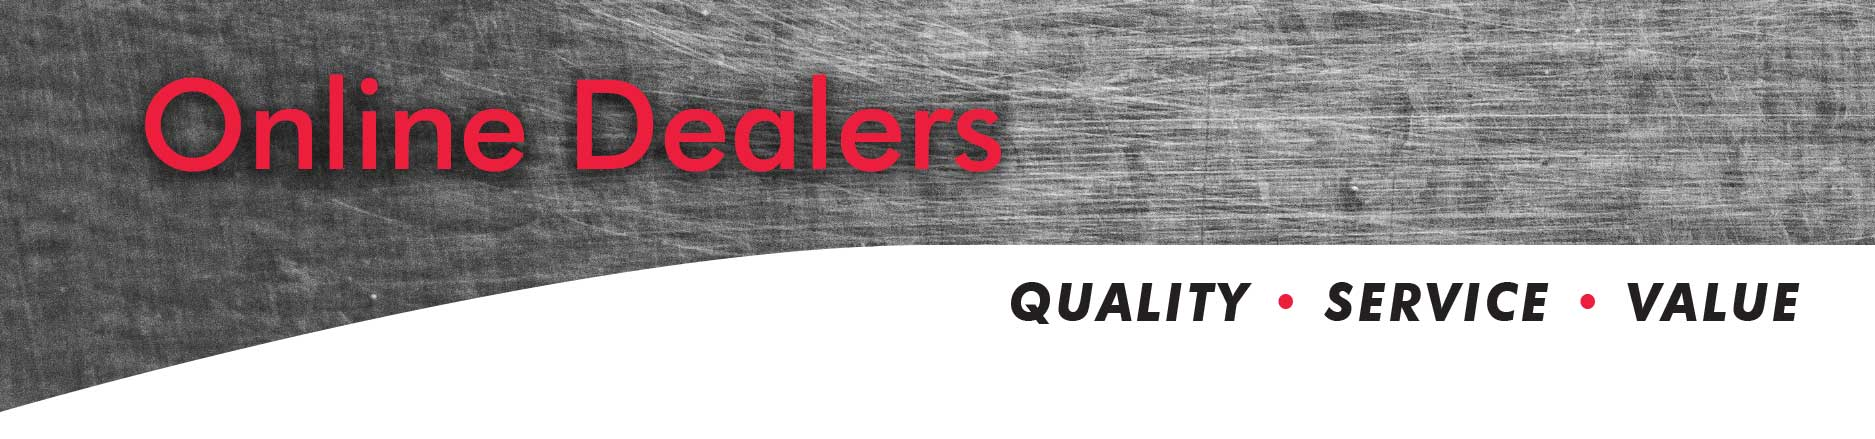 Online Dealer